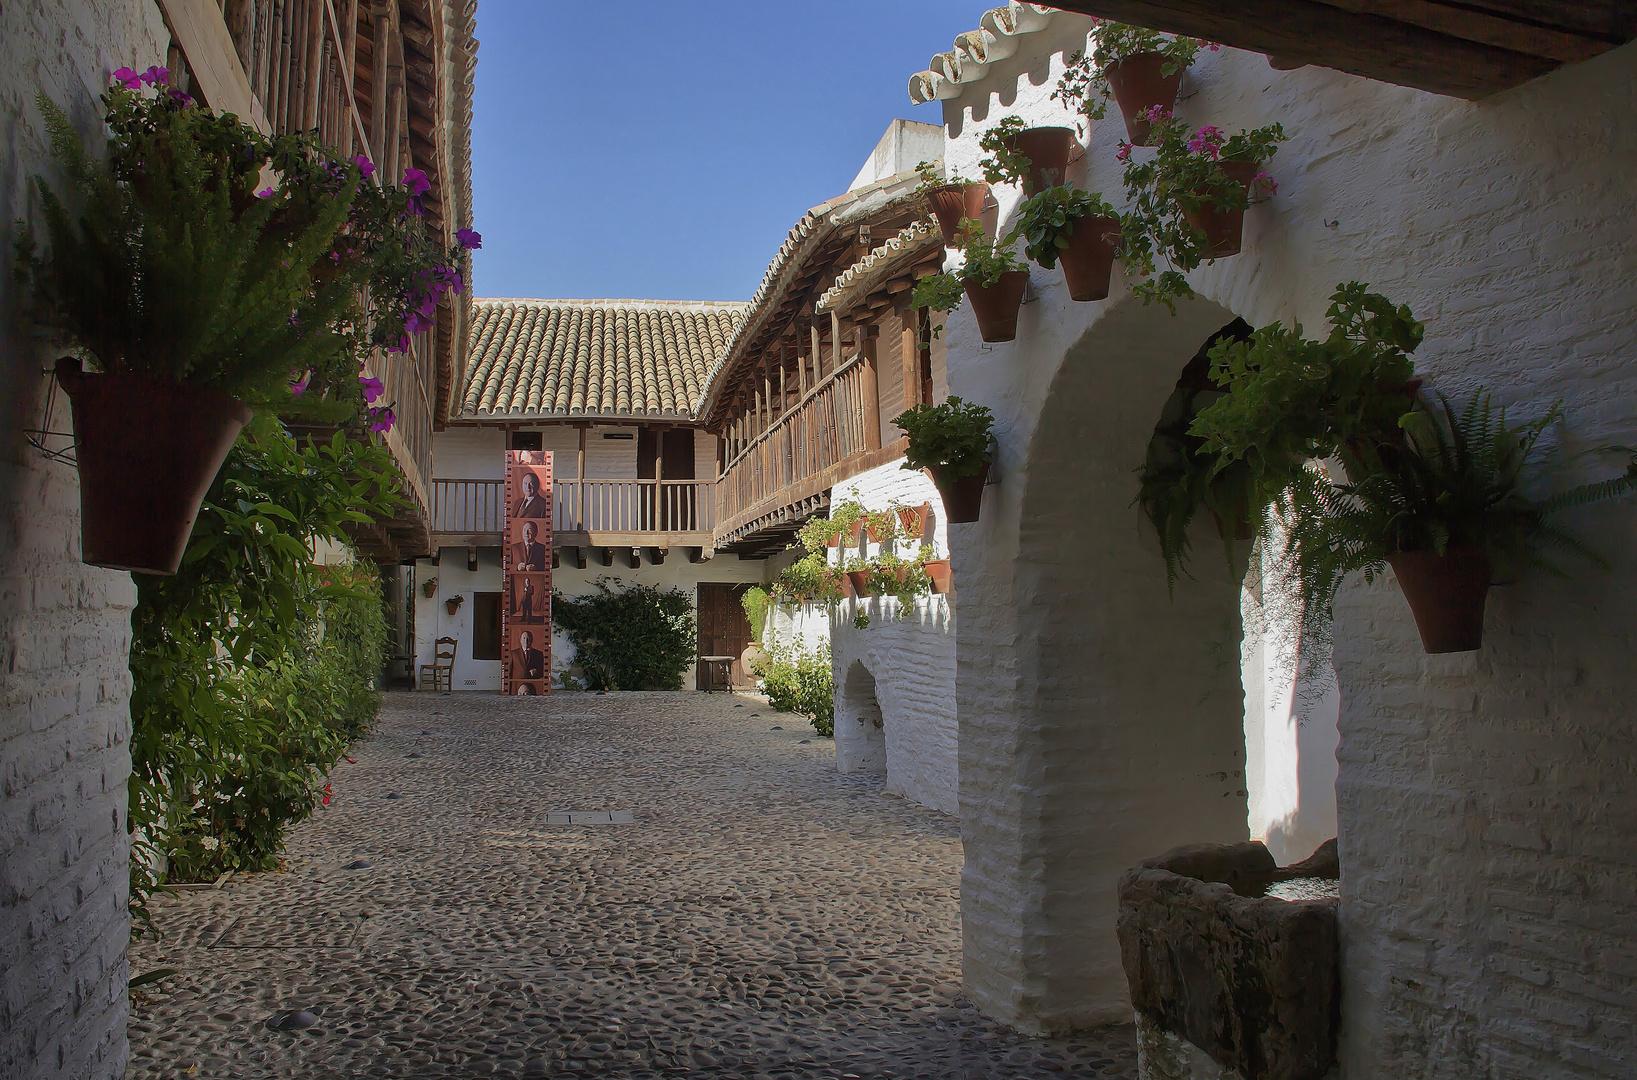 Posada del Potro - Córdoba